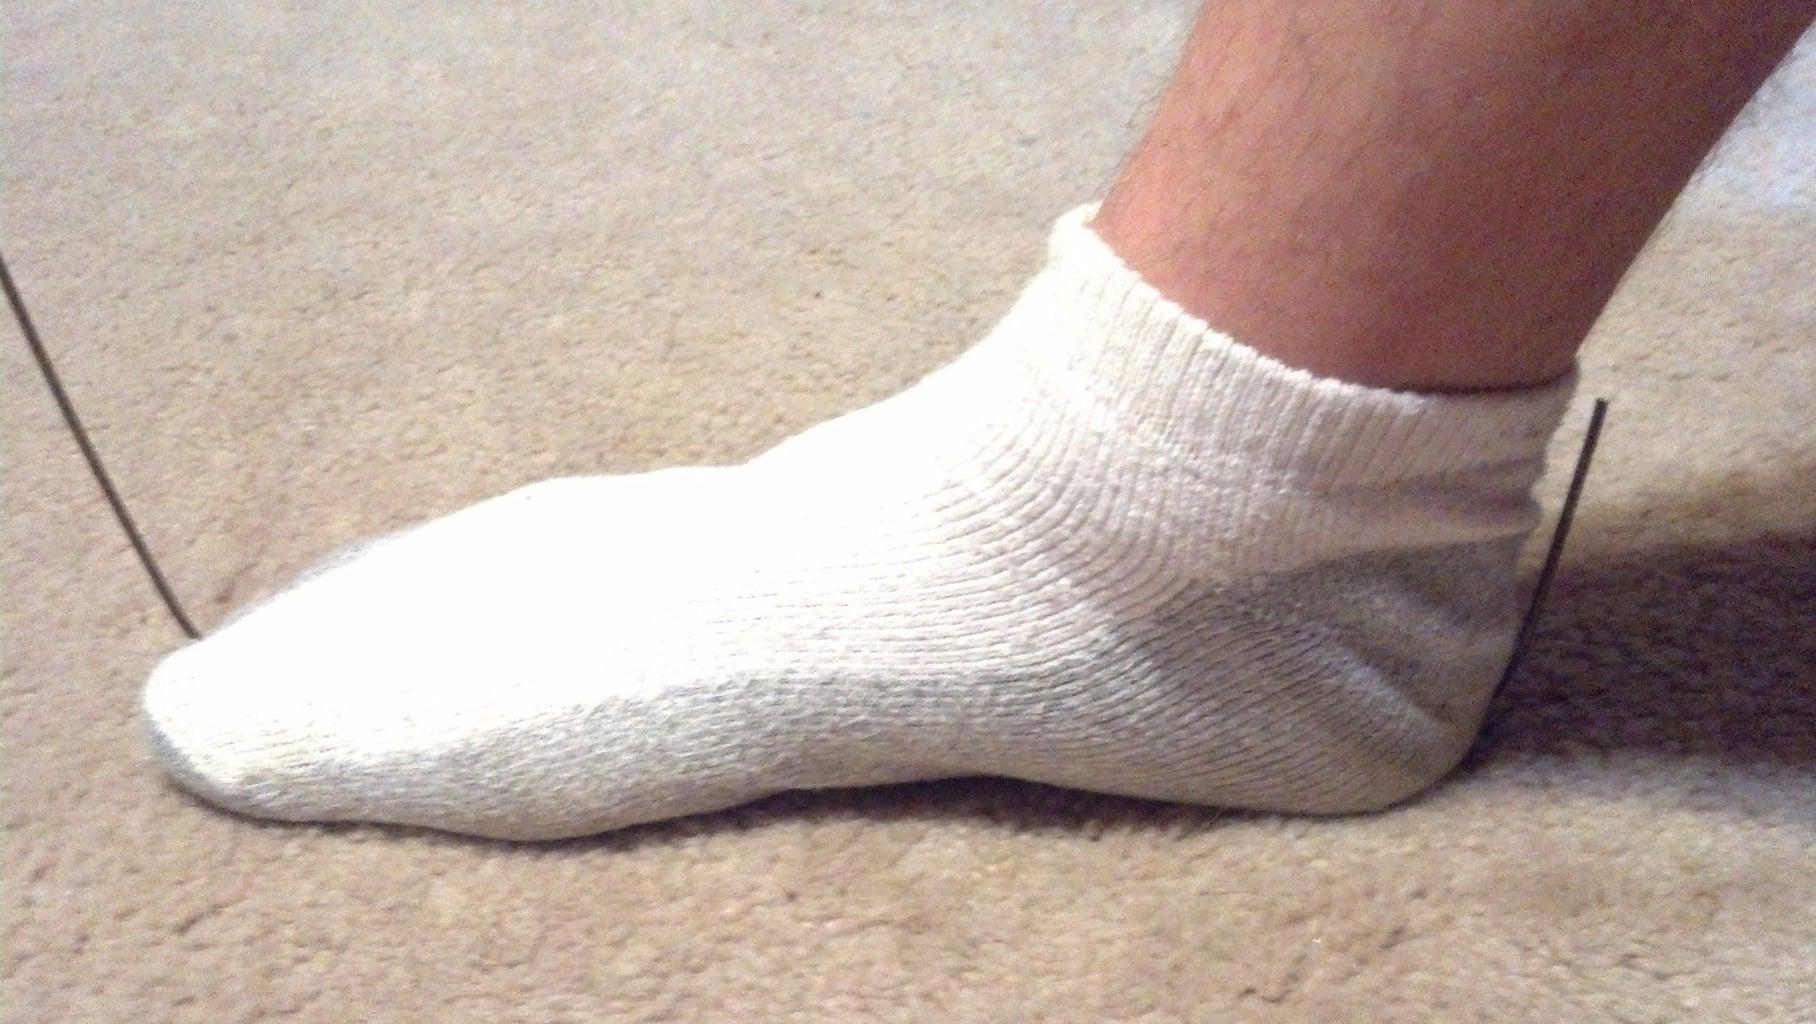 D. Feet